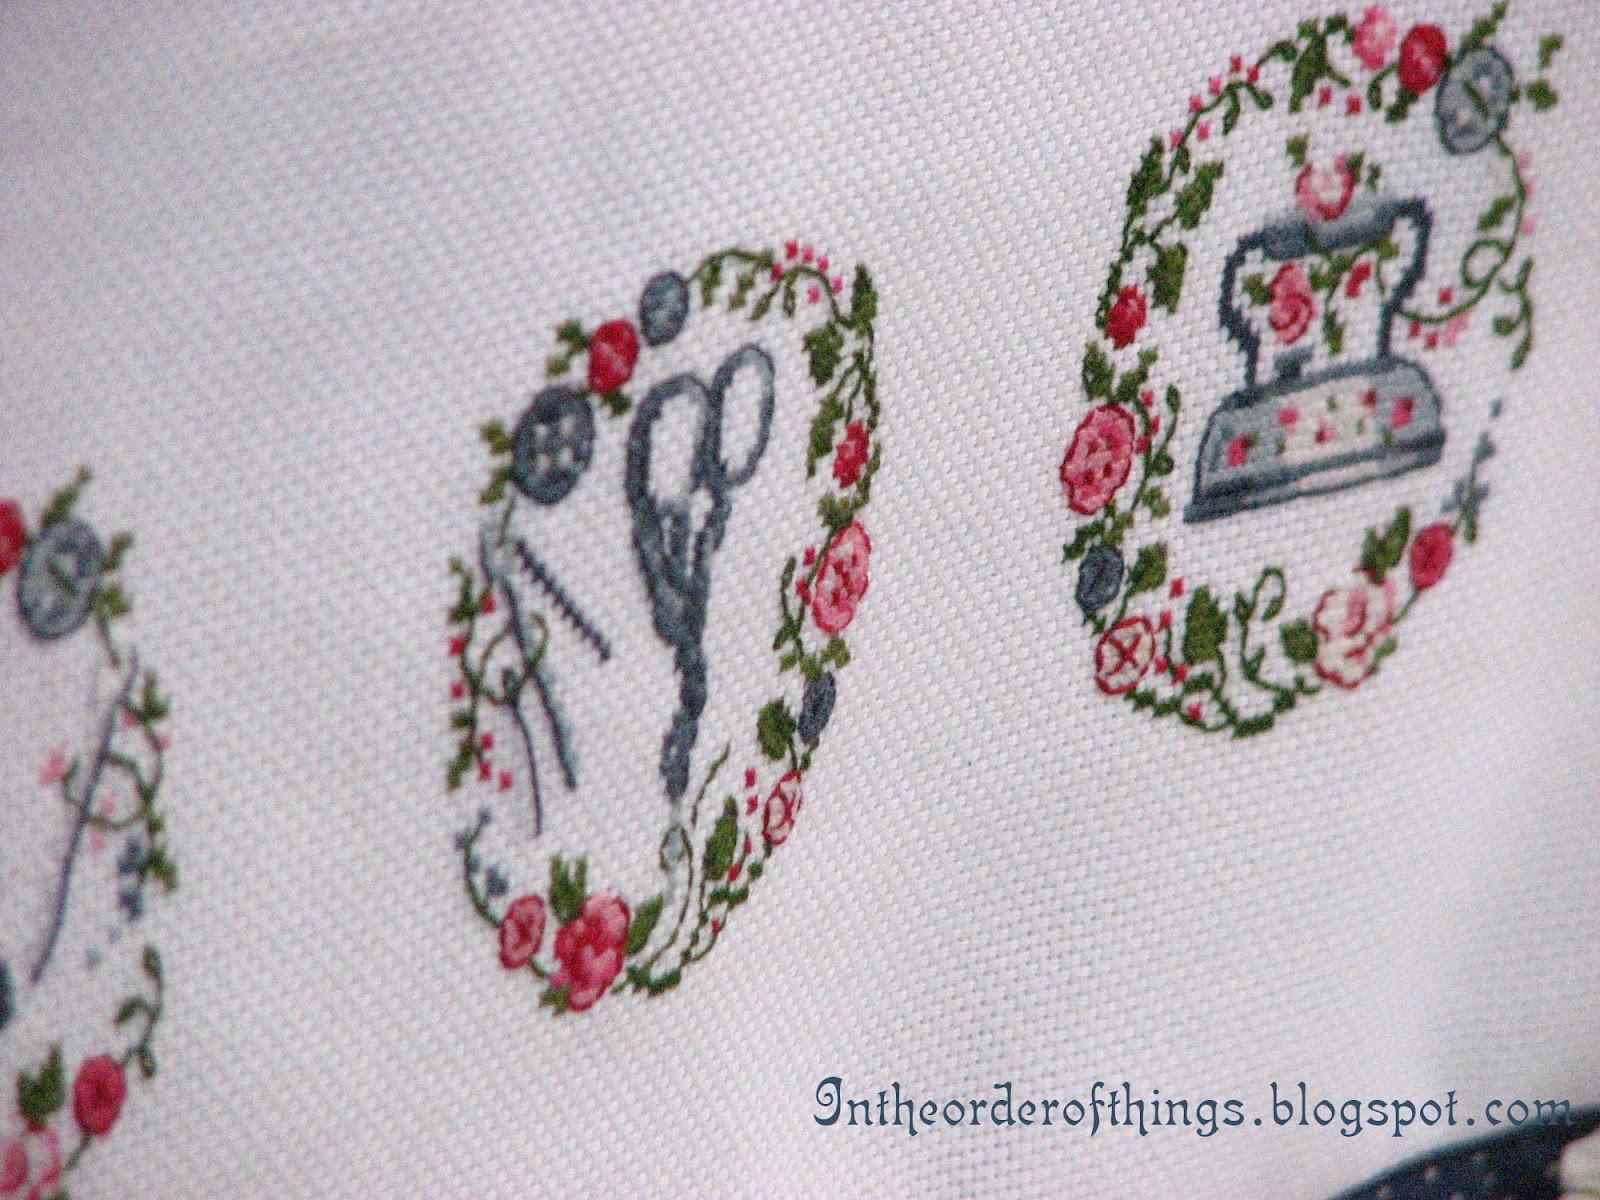 Вышивки крестом на швейных машинах